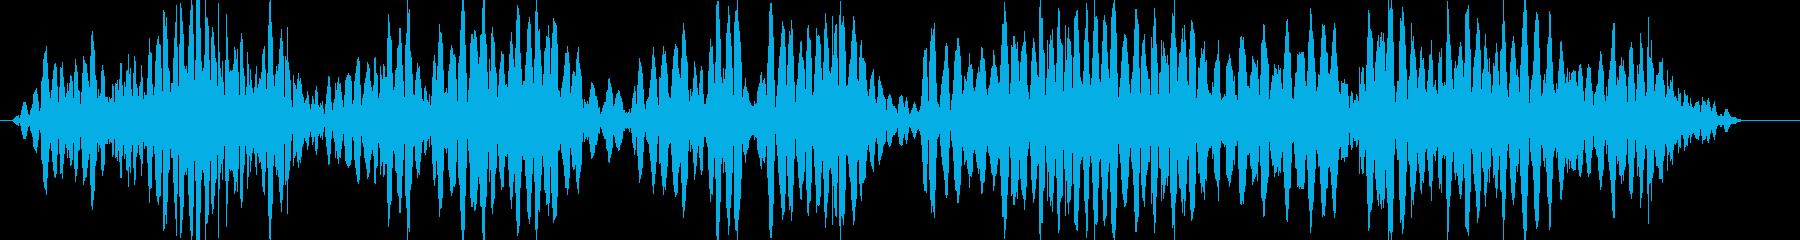 ガラス戸が激しく揺れる音の再生済みの波形